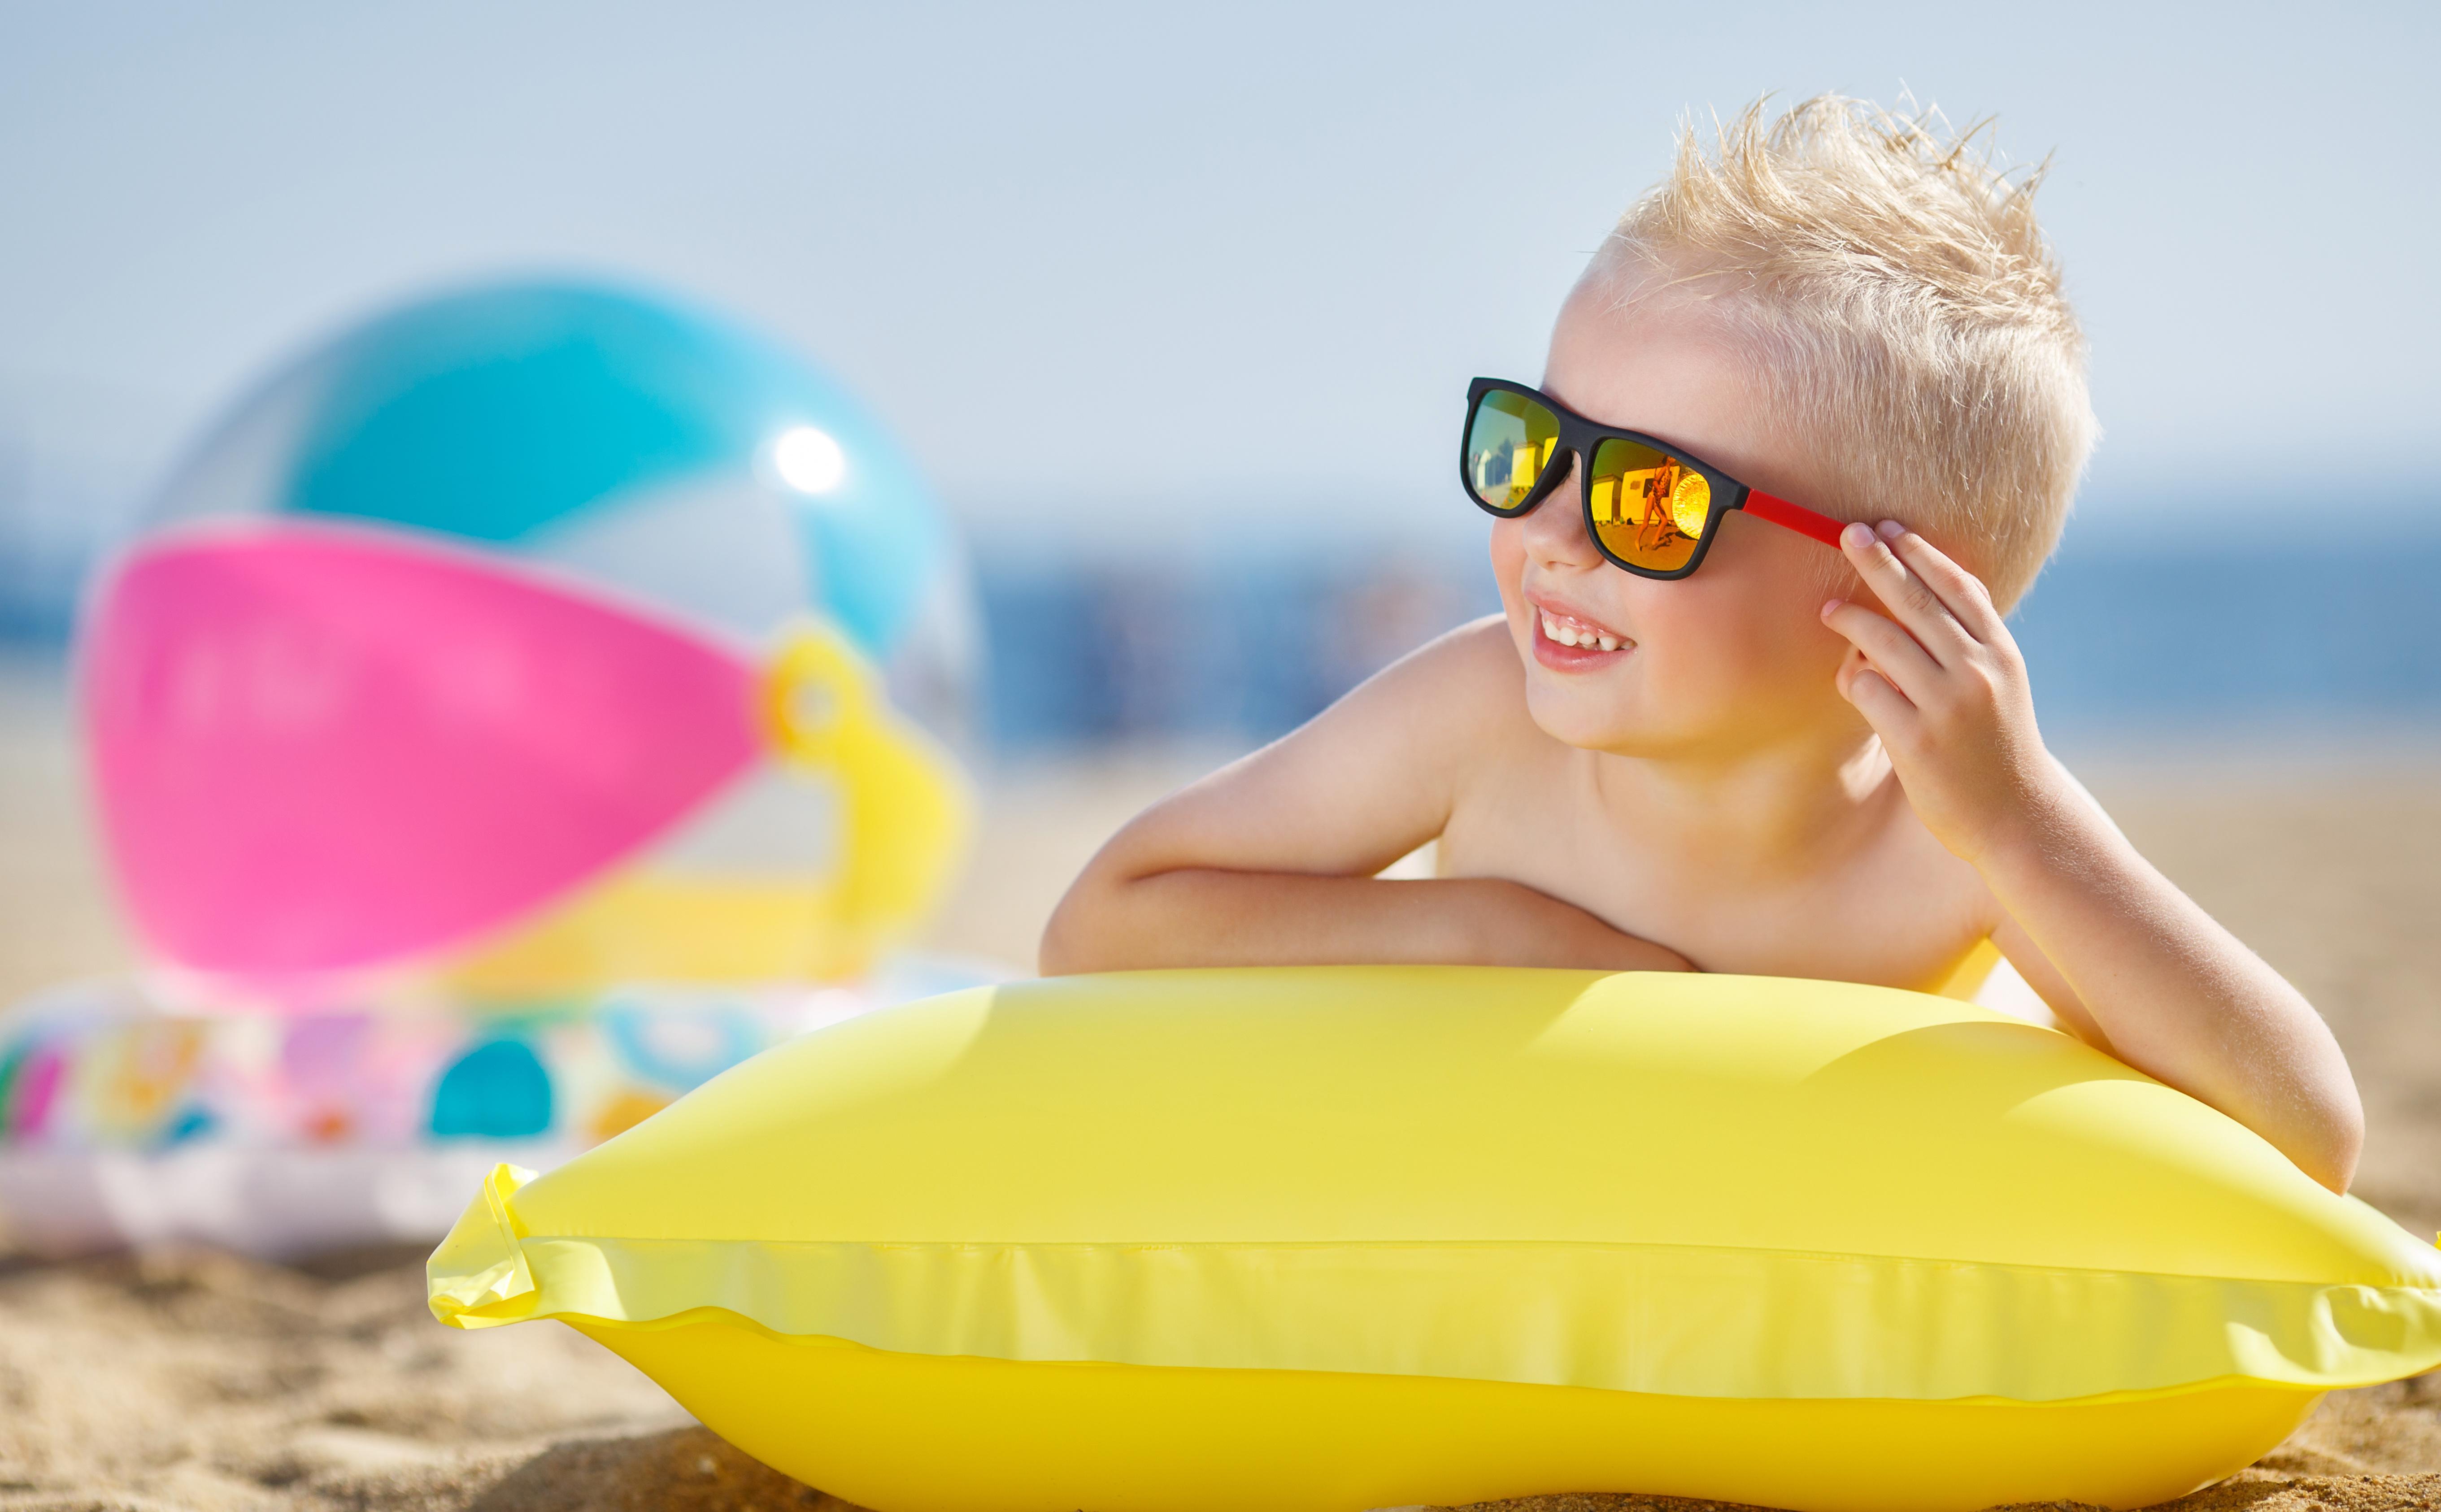 Krank im Urlaub: Ein kleiner Junge mit blonden kurzen Haaren trägt eine Sonnenbrille und liegt einer Luftmatratze lächelnd am Strand